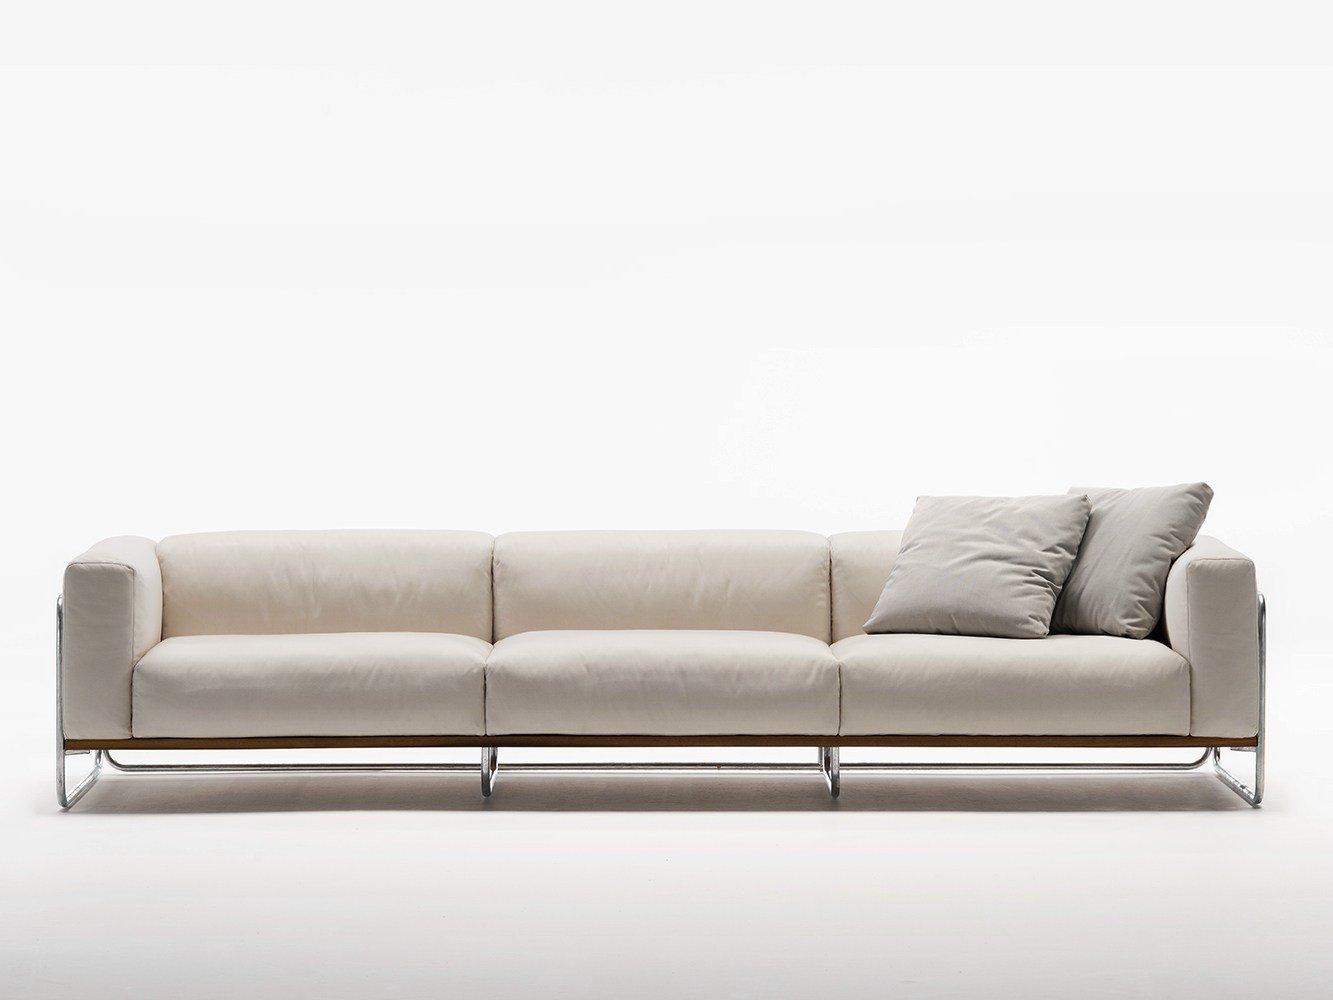 Photo of Tutte le recensioni dei migliori divani, le migliori marche a confronto con prezzi e modelli